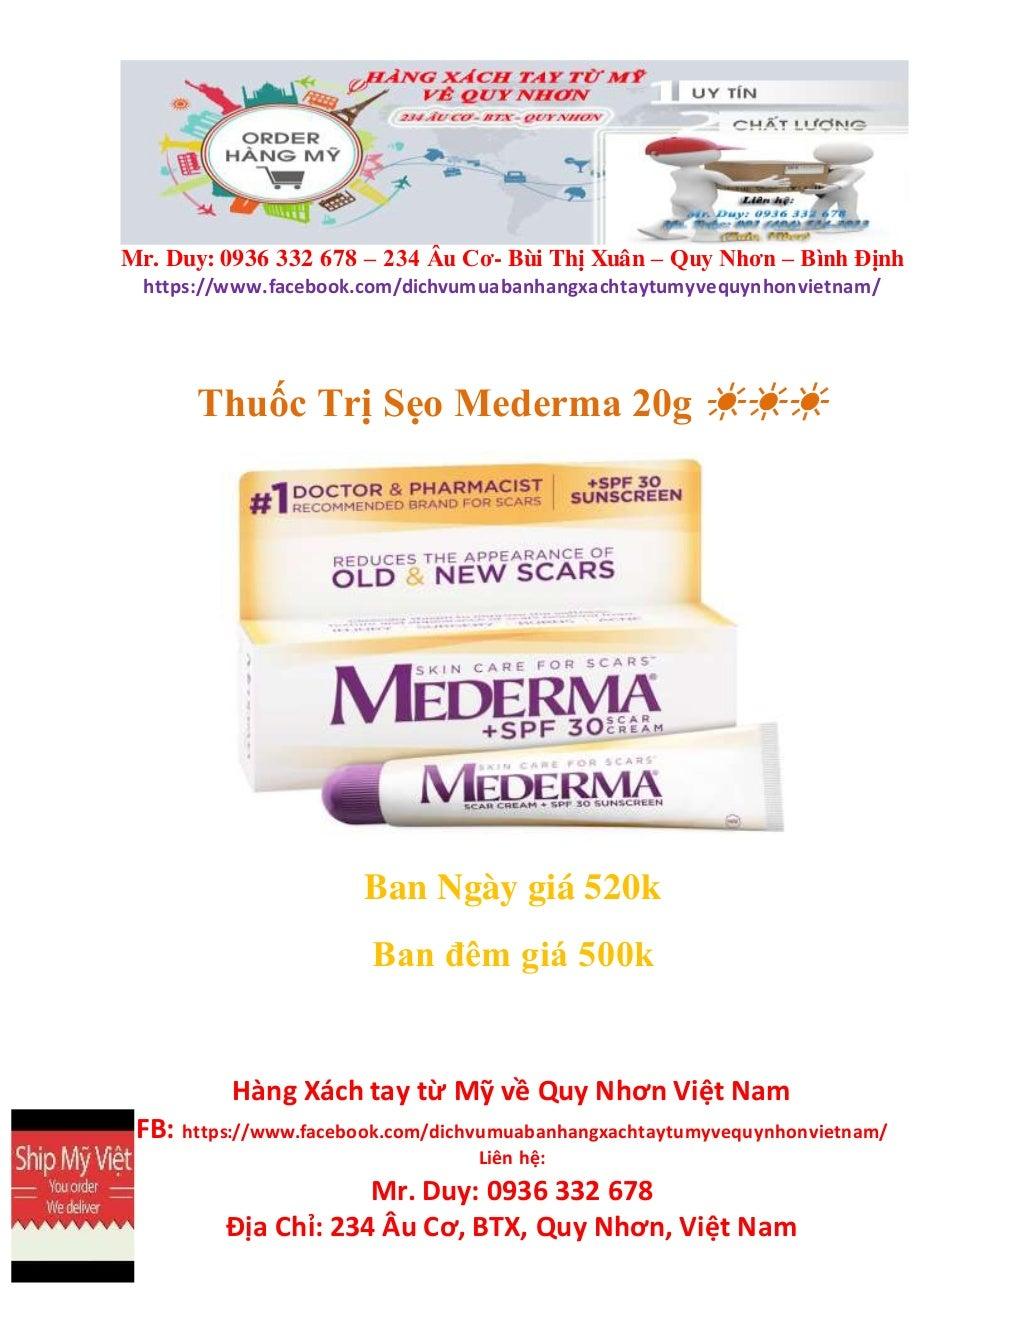 Tìm chỗ order thuốc bổ xách tay ở Quy Nhơn uy tín - Magazine cover